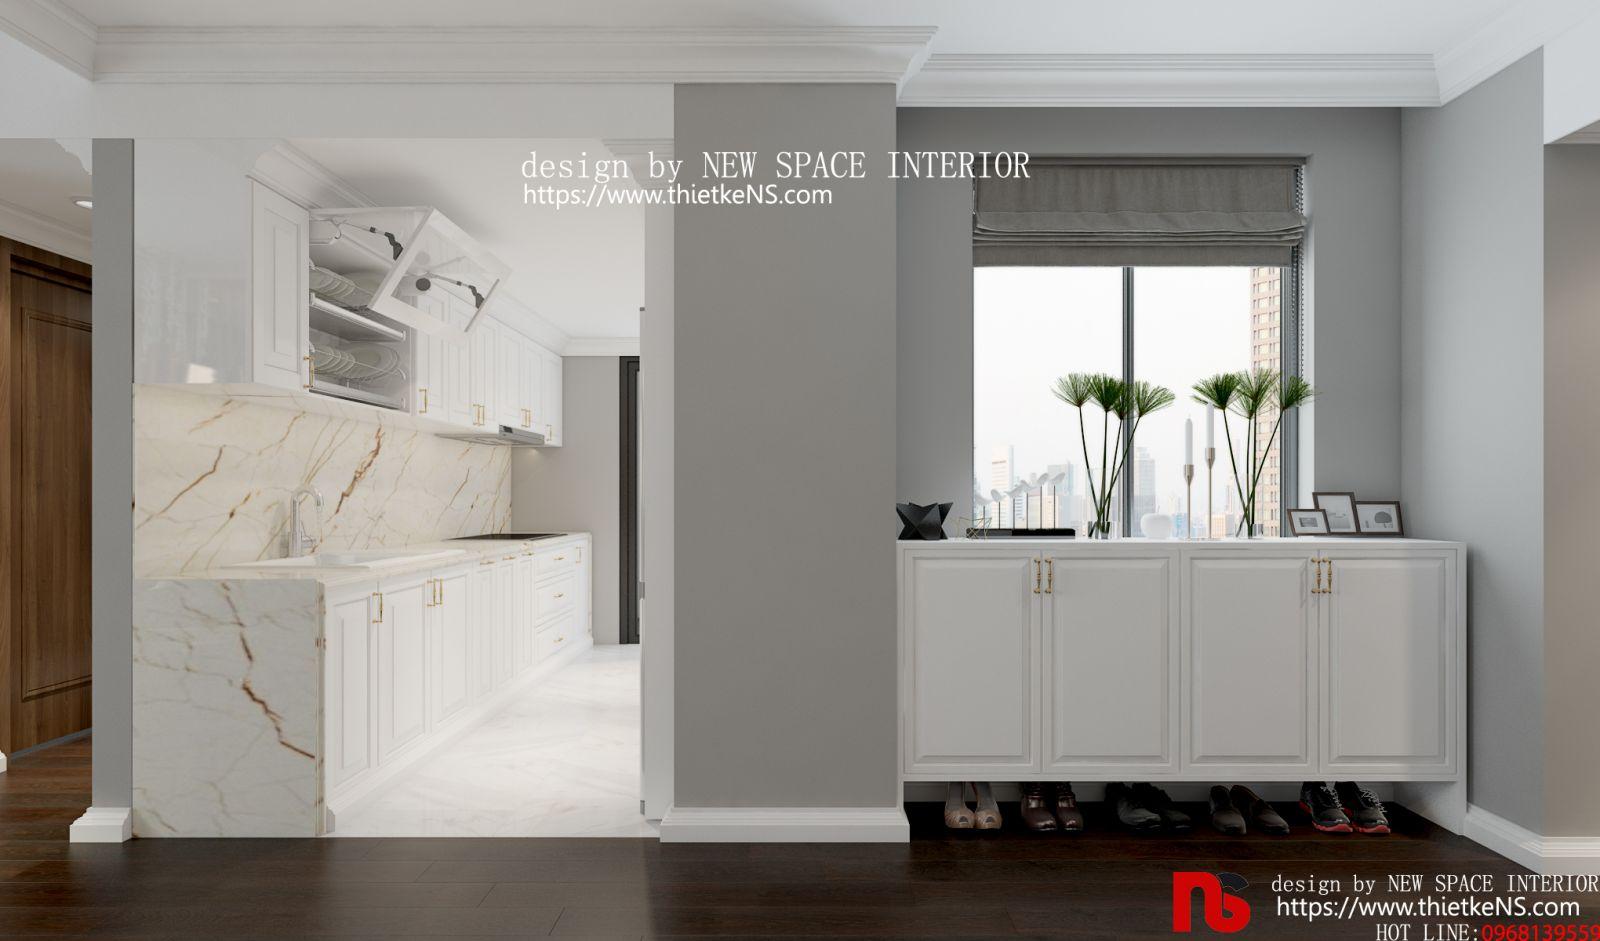 Thiết kế nội thất chung cư khu vực nhà bếp